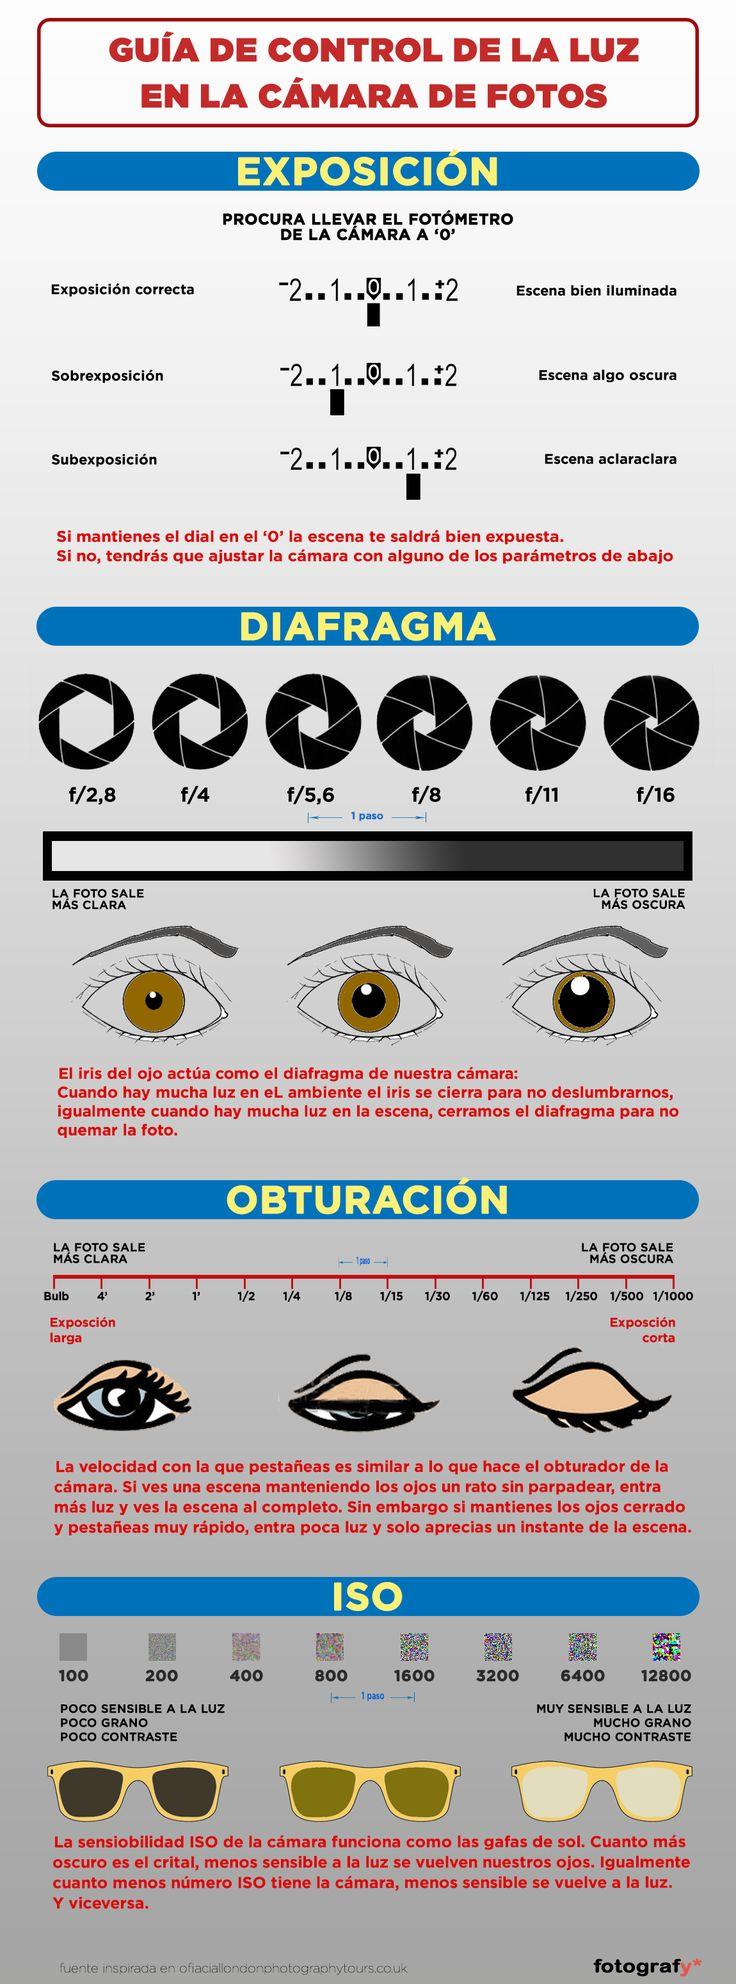 Entendiendo los controles de la cámara. ¿Qué es realmente y para qué sirve el obturador, el diafragma y el ISO?